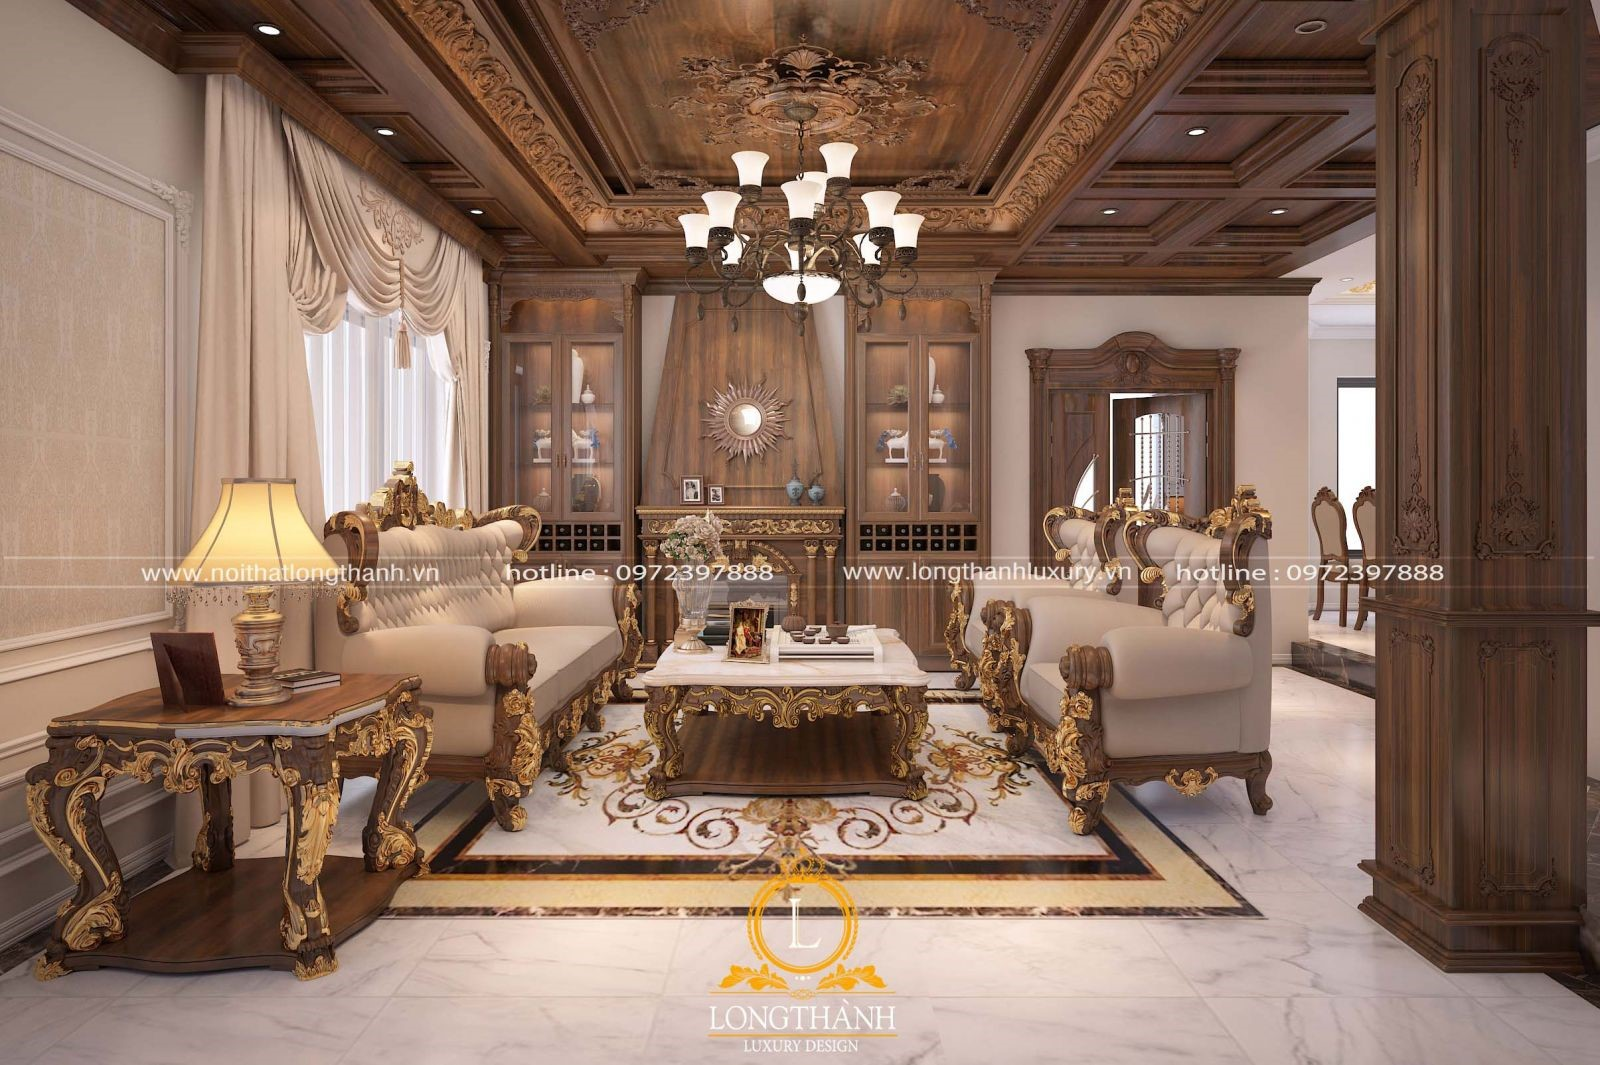 Phòng khách tân cổ điển gỗ tự nhiên đẳng cấp